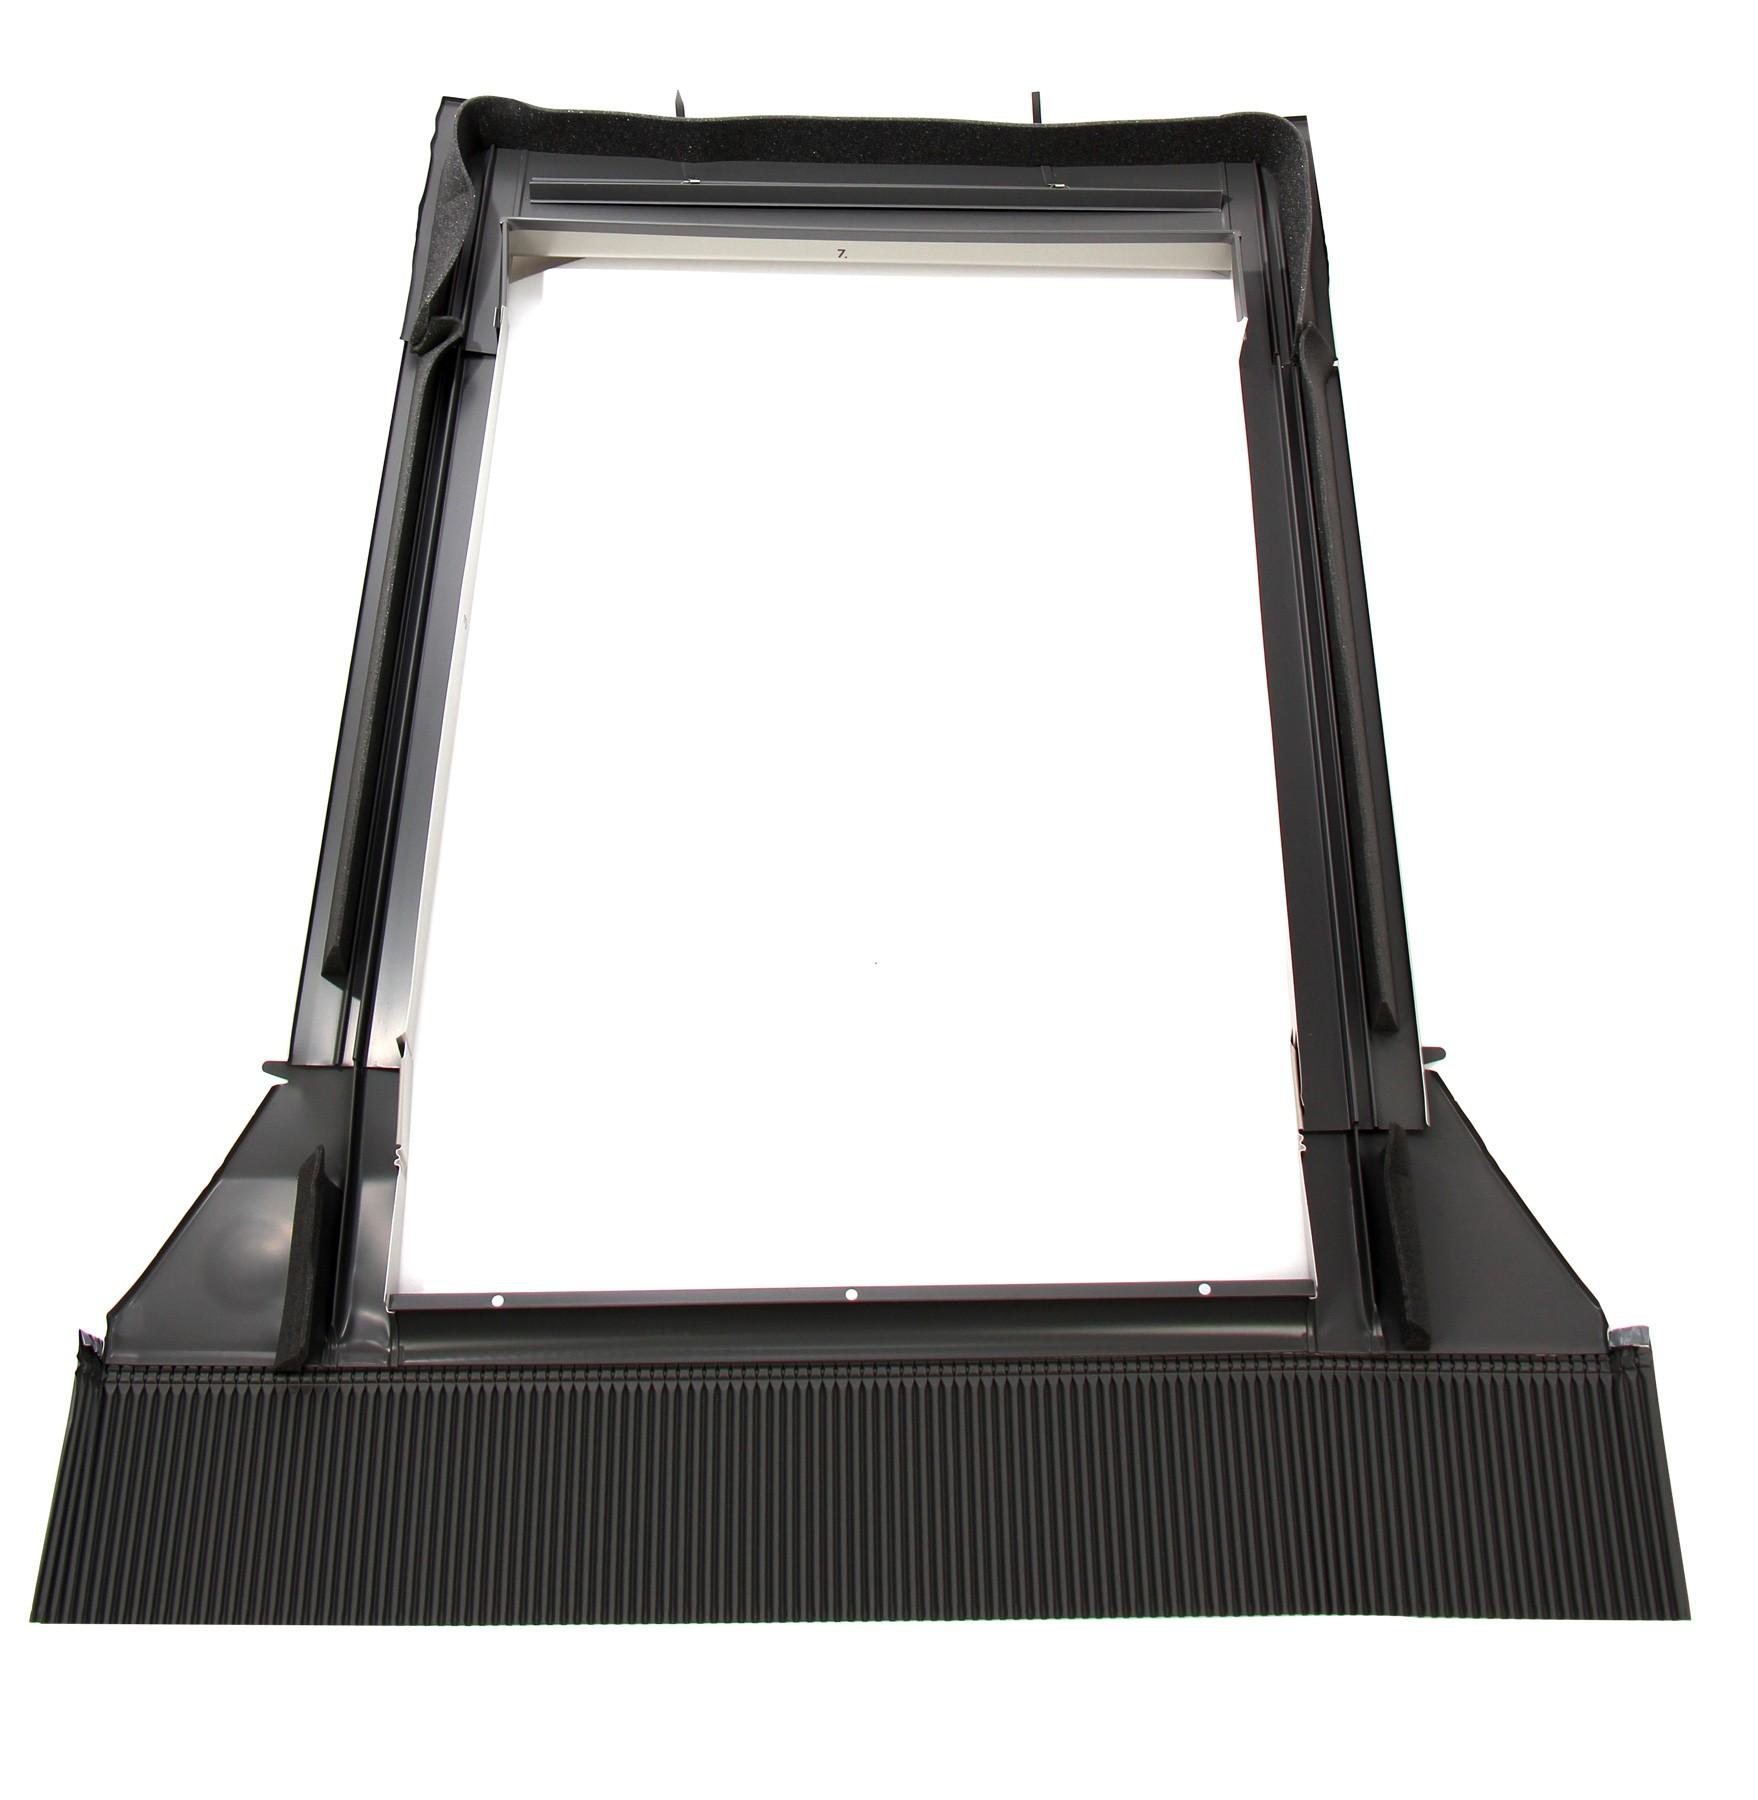 dedeman rama de etansare velux eds 0000 mk06 78 x 118 cm dedicat planurilor tale. Black Bedroom Furniture Sets. Home Design Ideas